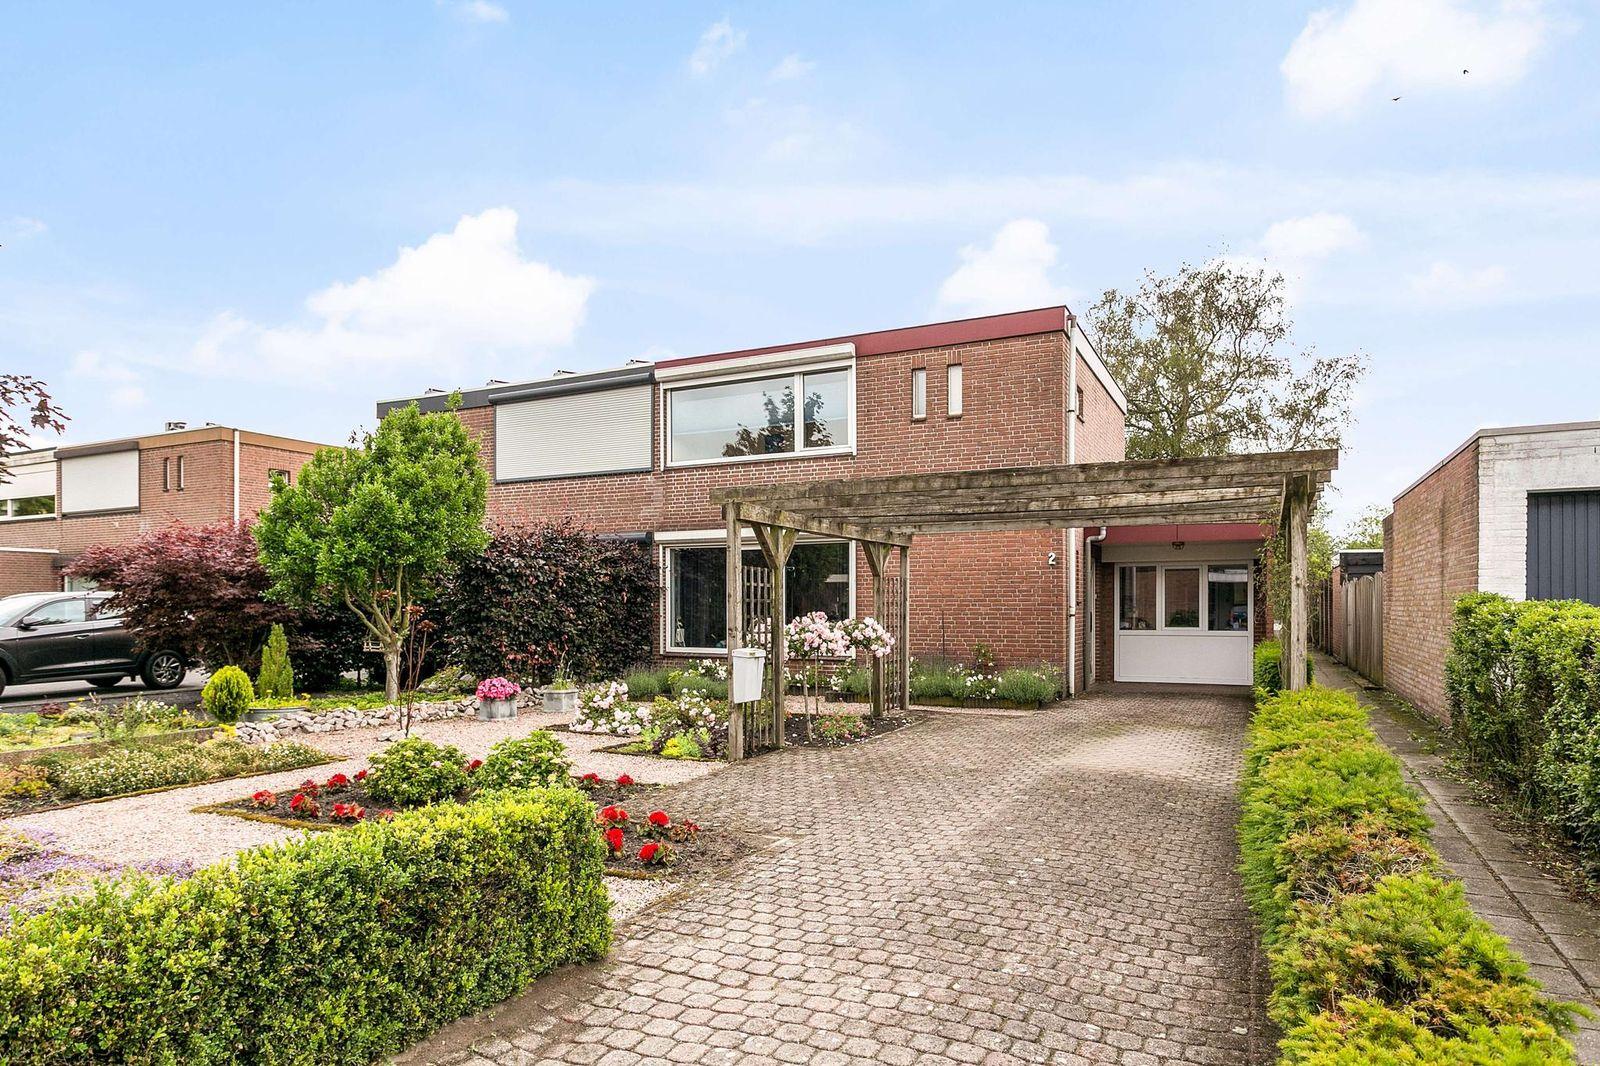 Lucas van Leydenstraat 2, Dongen